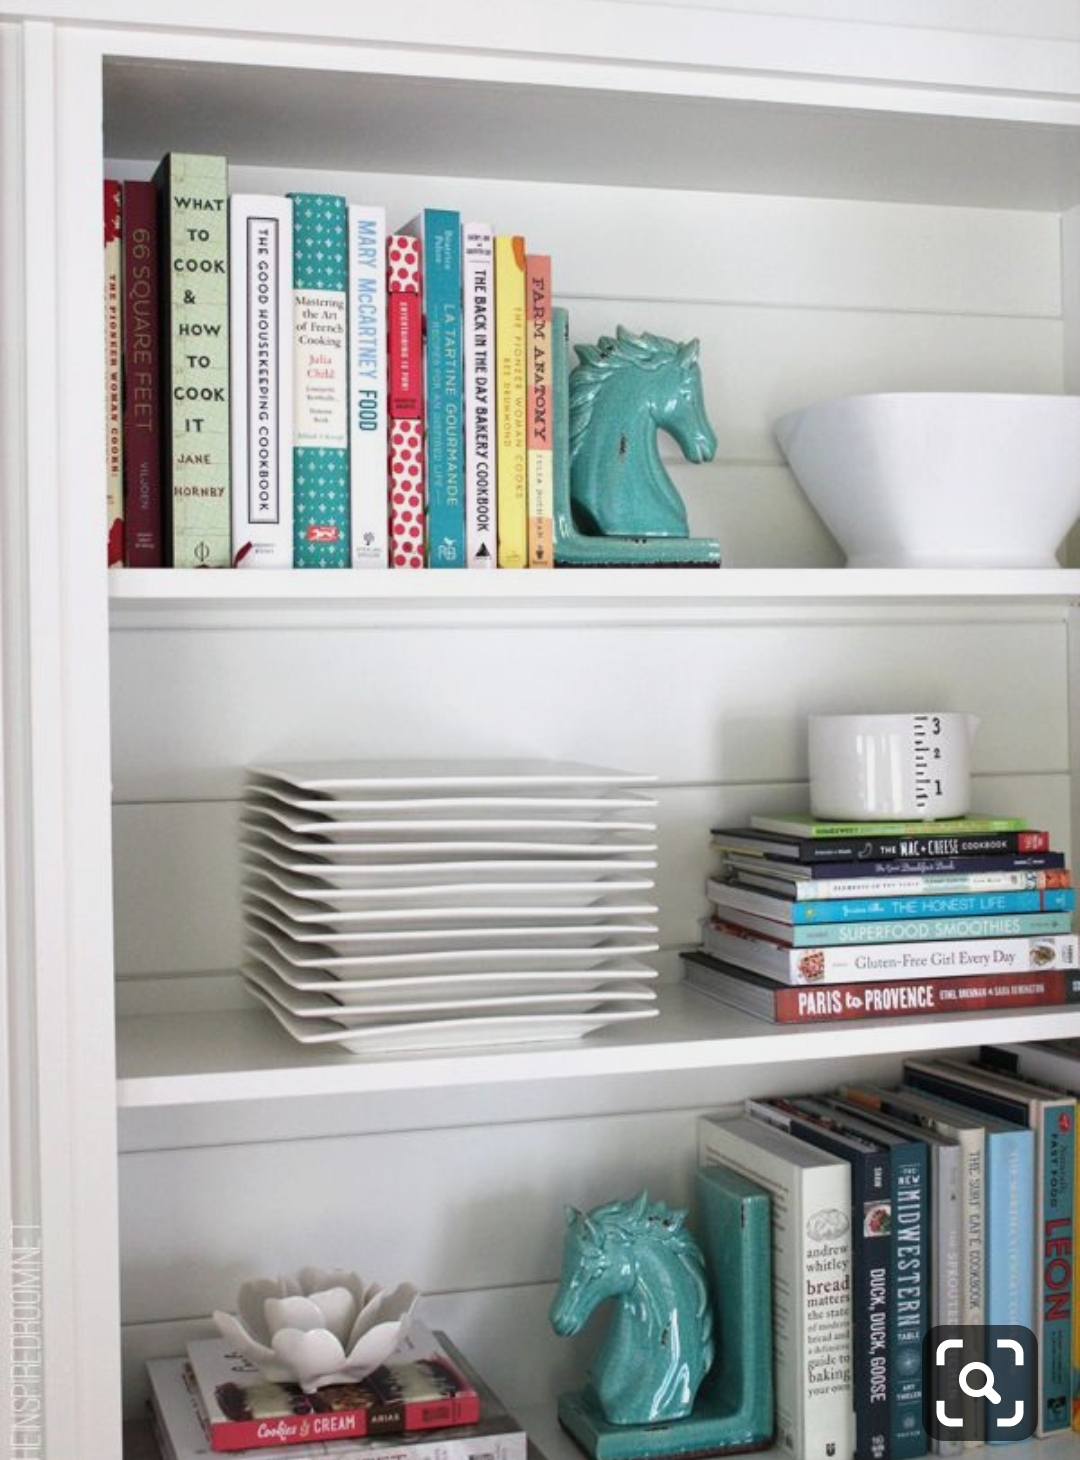 کتاب ها میتوانند به جای ظرفها بنشینند.